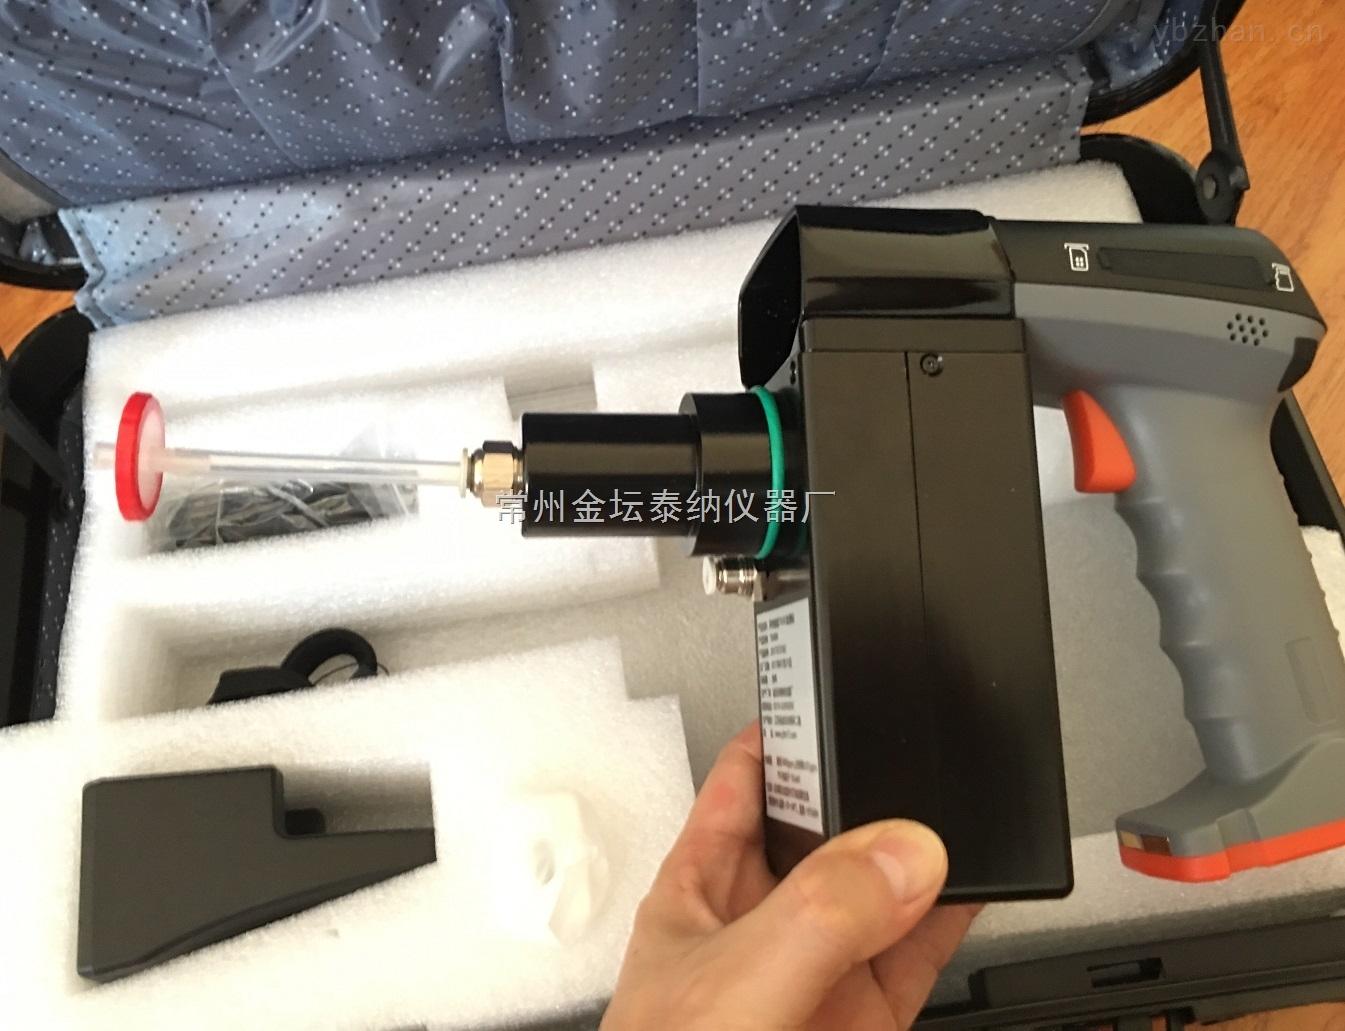 金壇国产富二代软件苯係物檢測儀